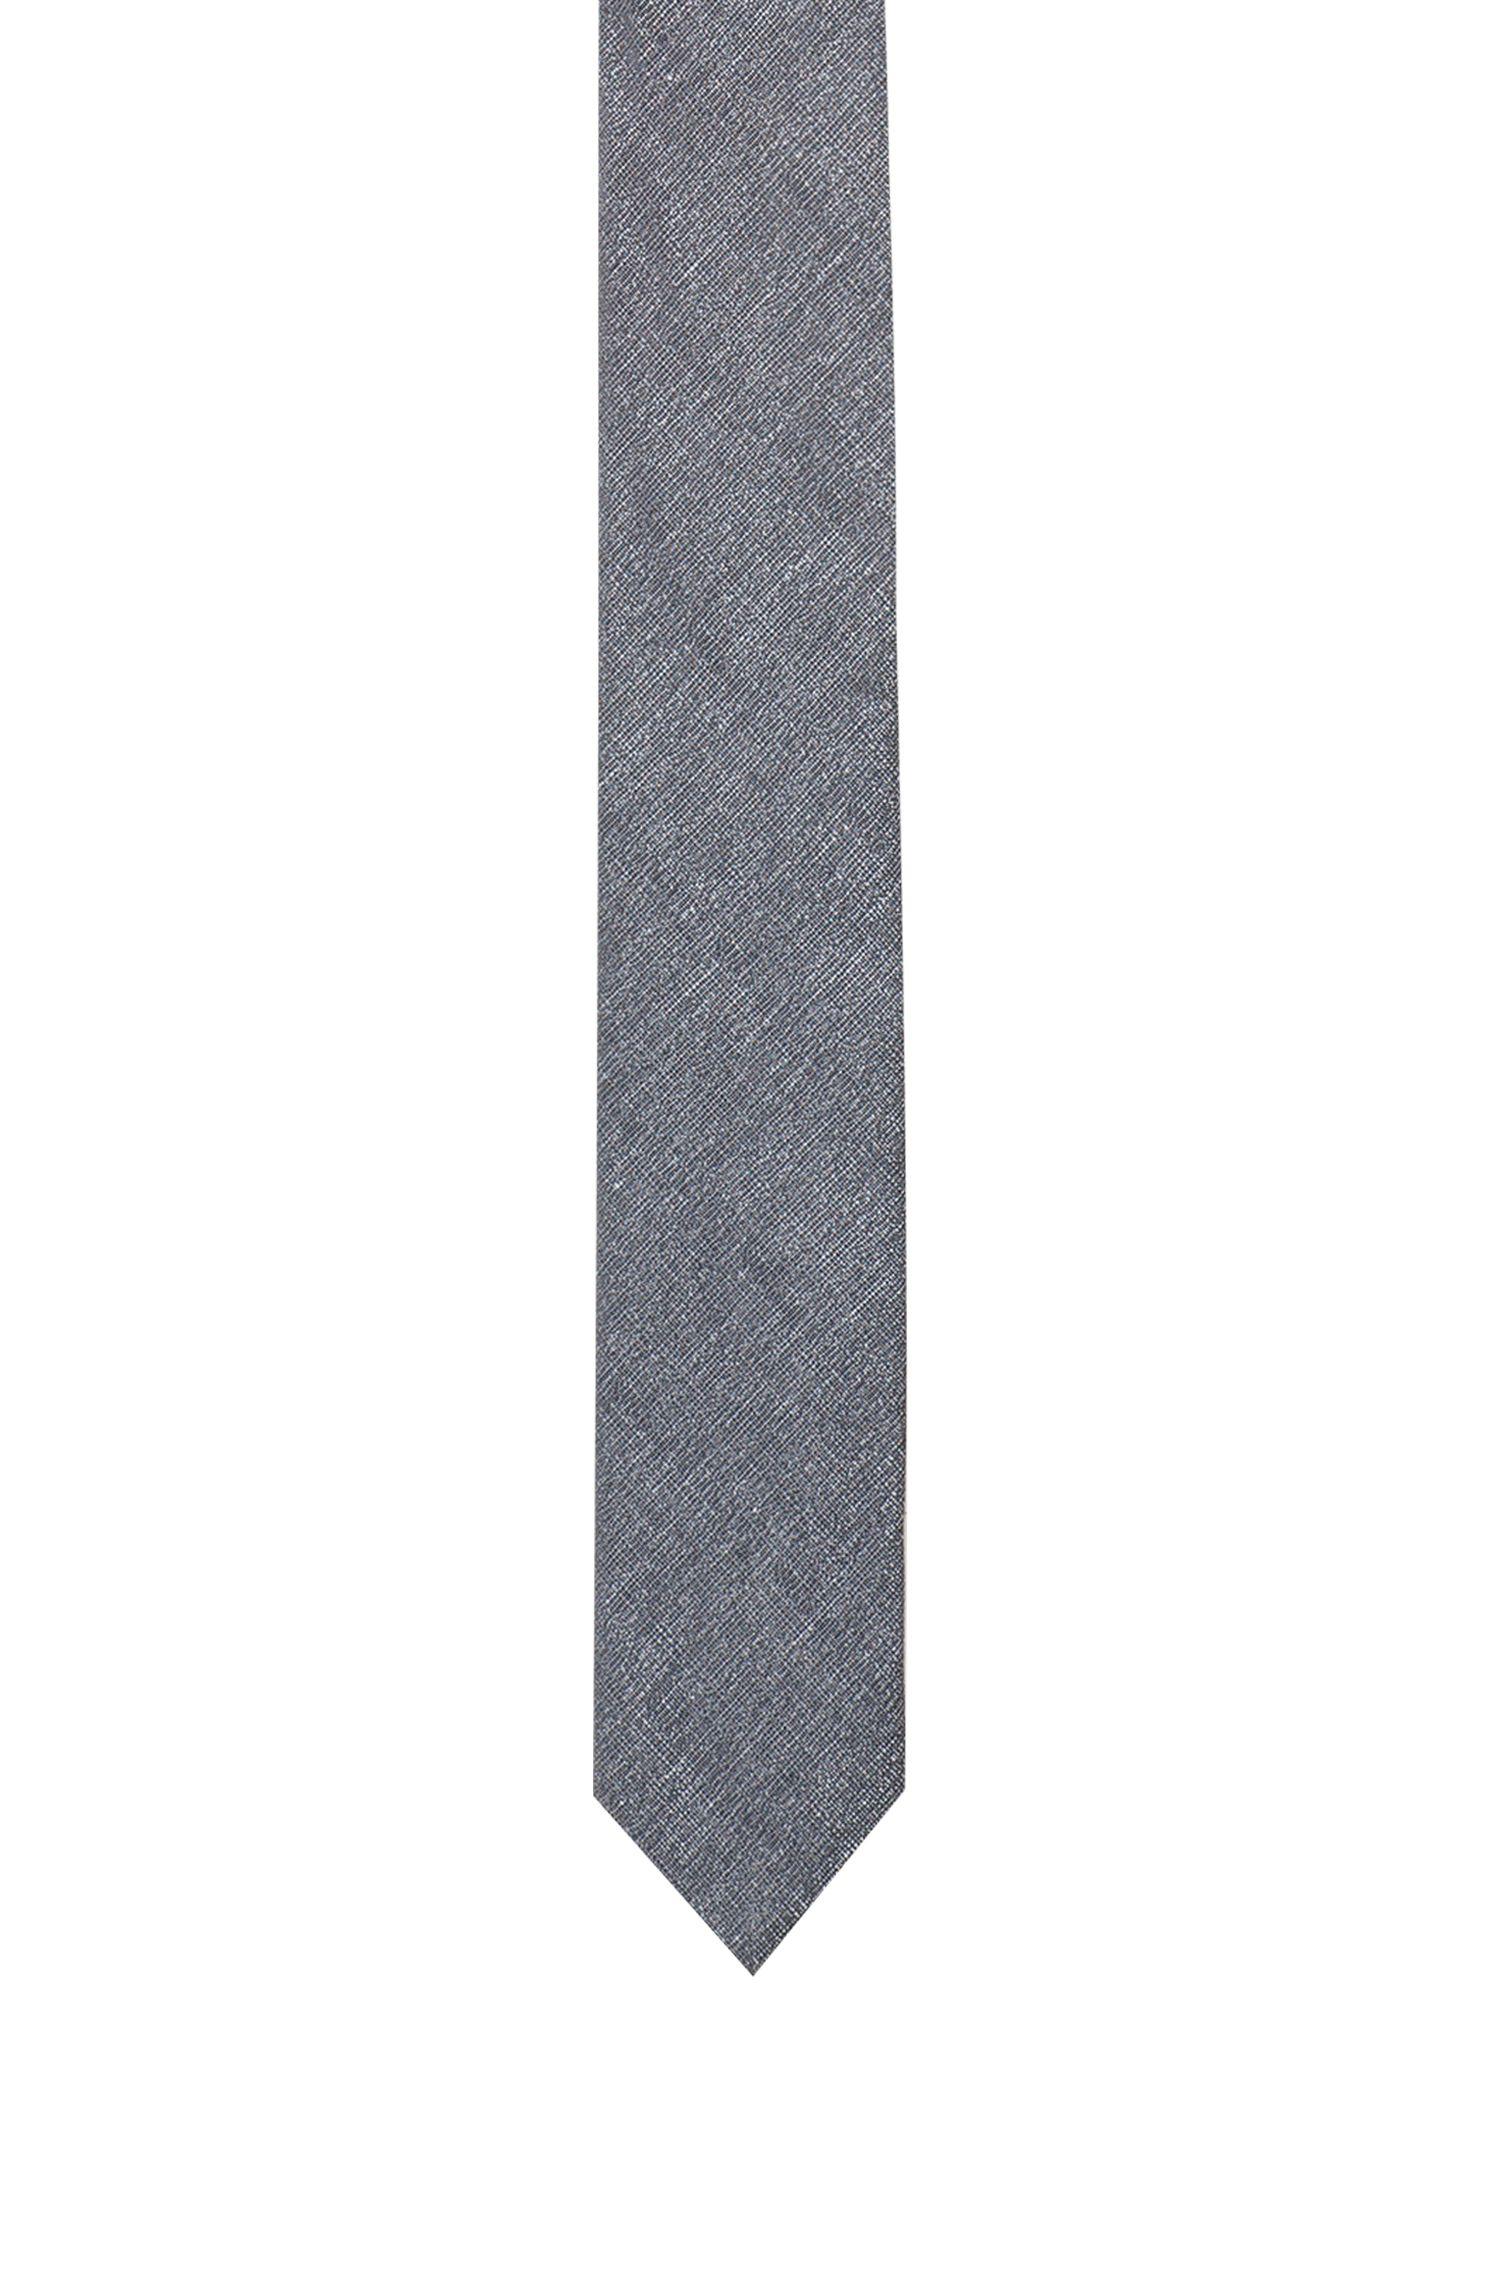 Cravate jacquard en lin mélangé